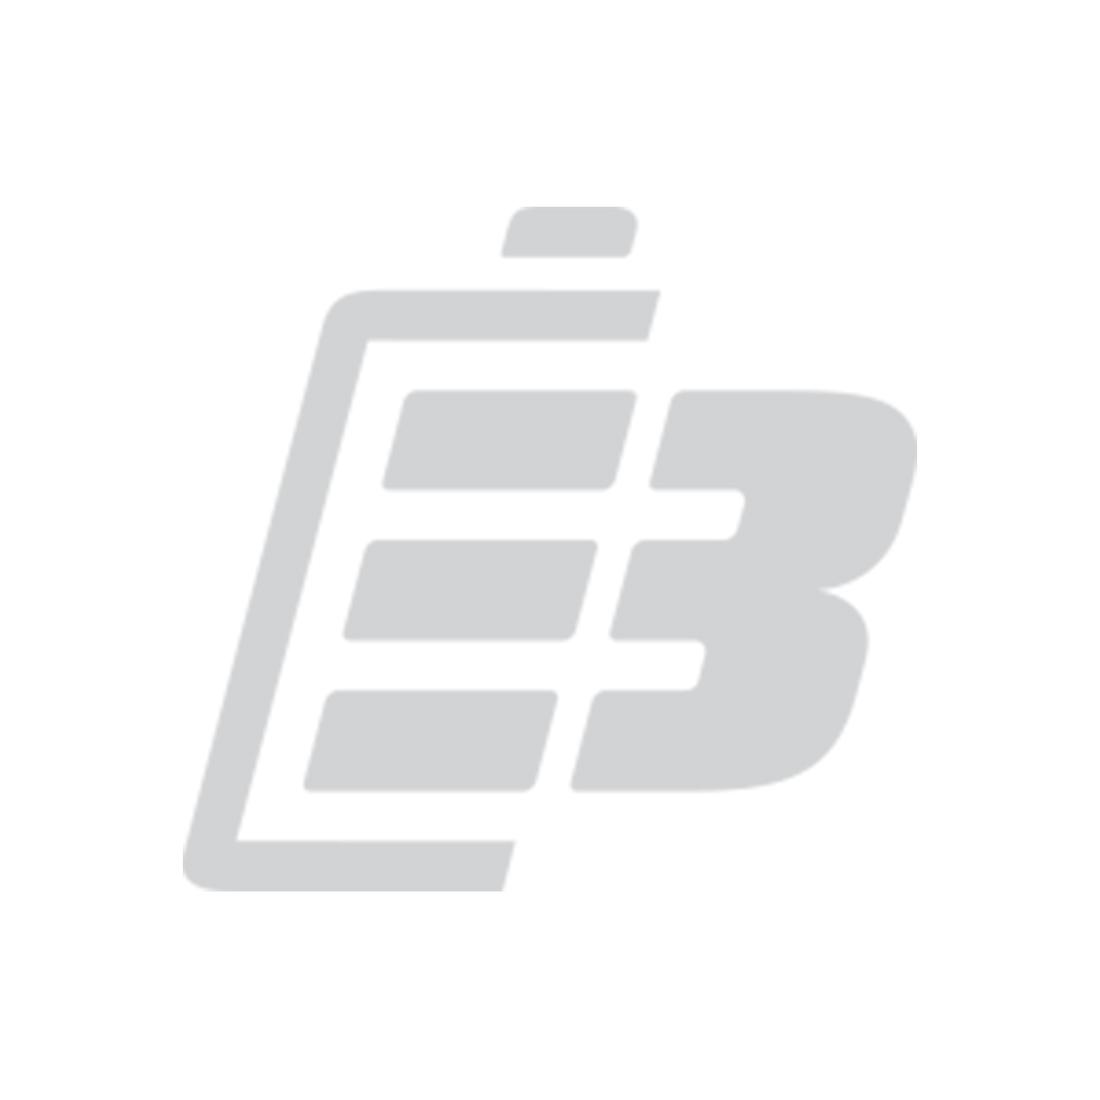 """Μπαταρία Laptop Apple MacBook Pro 15"""" A1286 2009_1"""